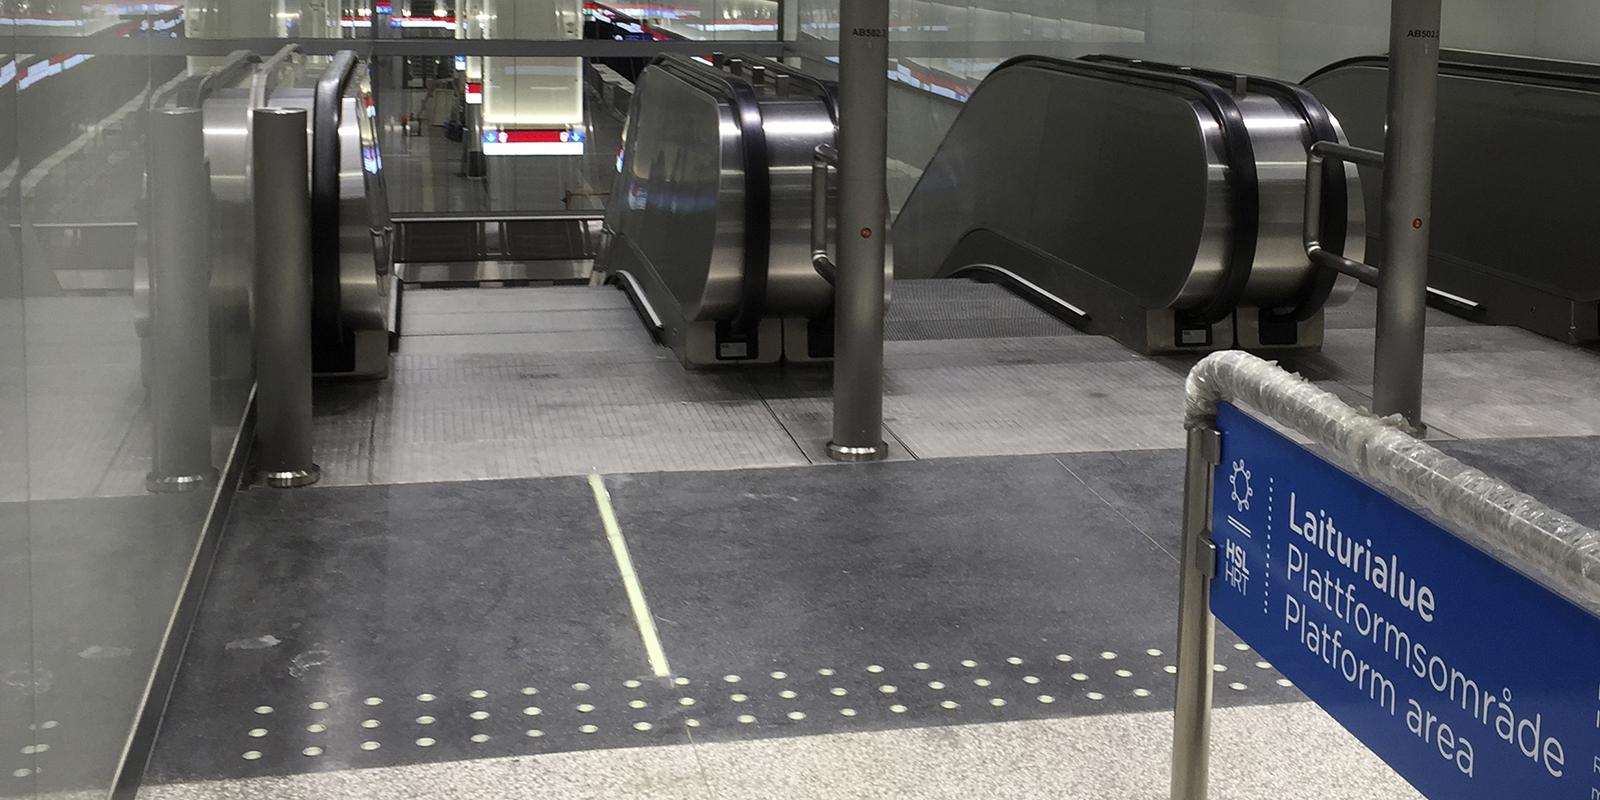 Jälkihohtava lattiaopaste ohjaa näkövammaisia liukuportaisiin.